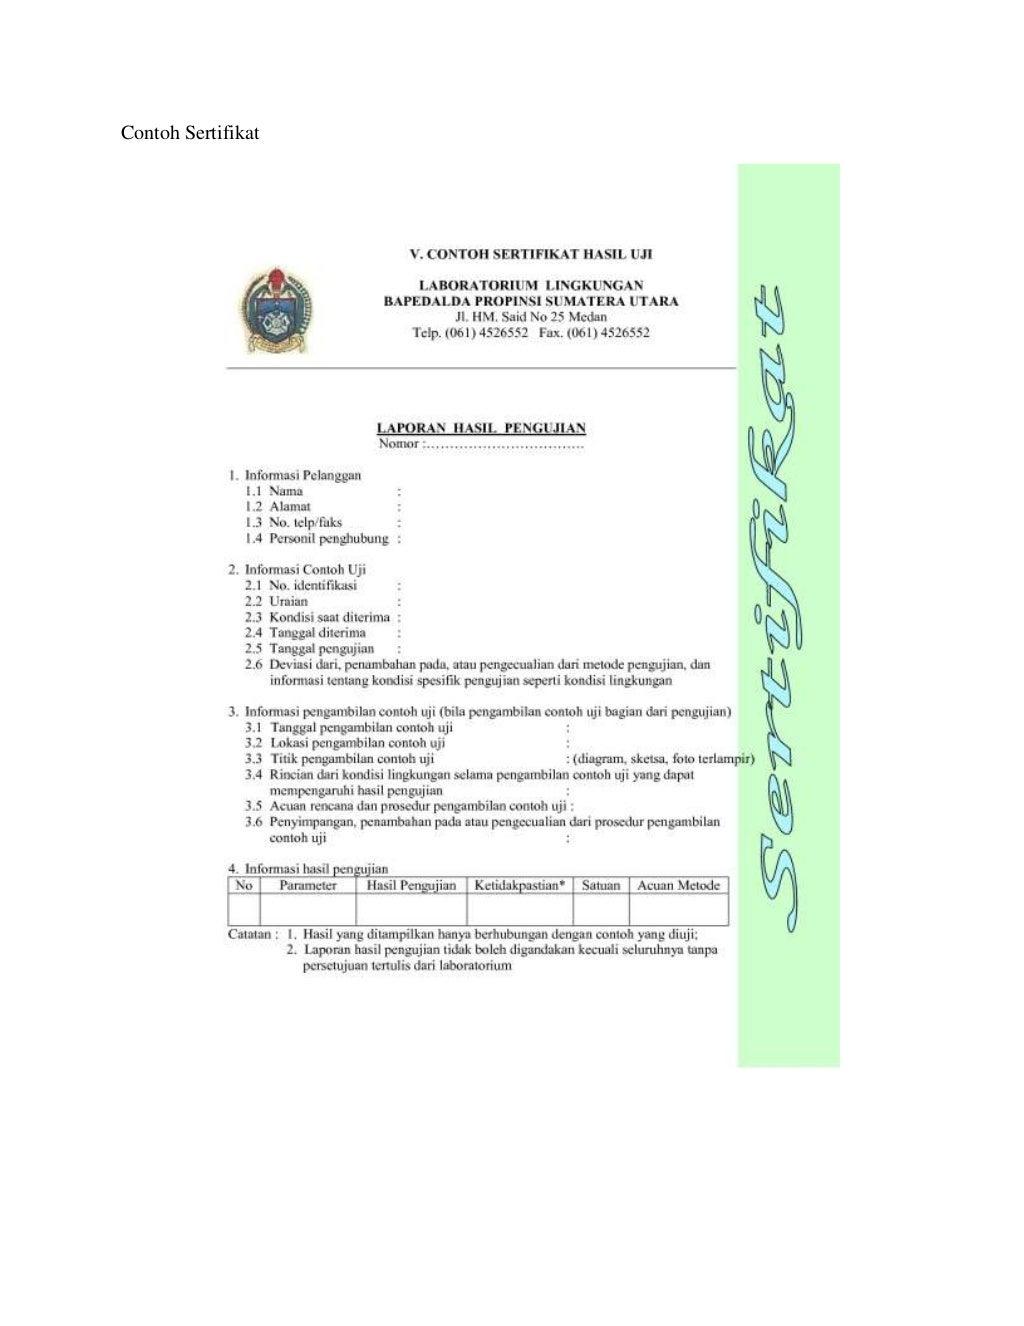 Contoh instruksi kerja dan sertifikat ccuart Images